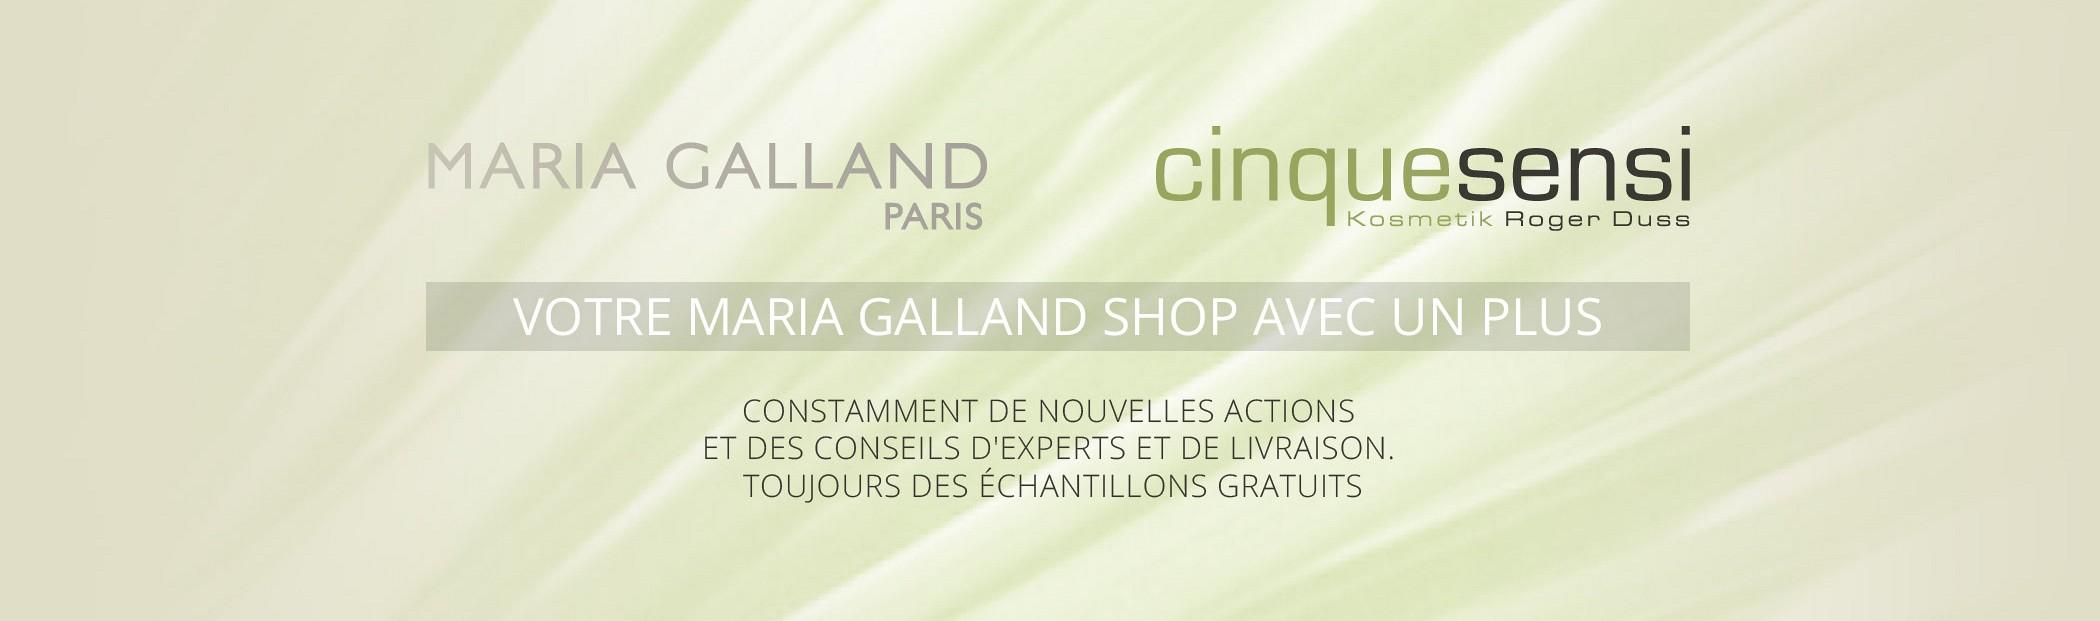 Slideshow Shop mit dem etwas mehr Französisch